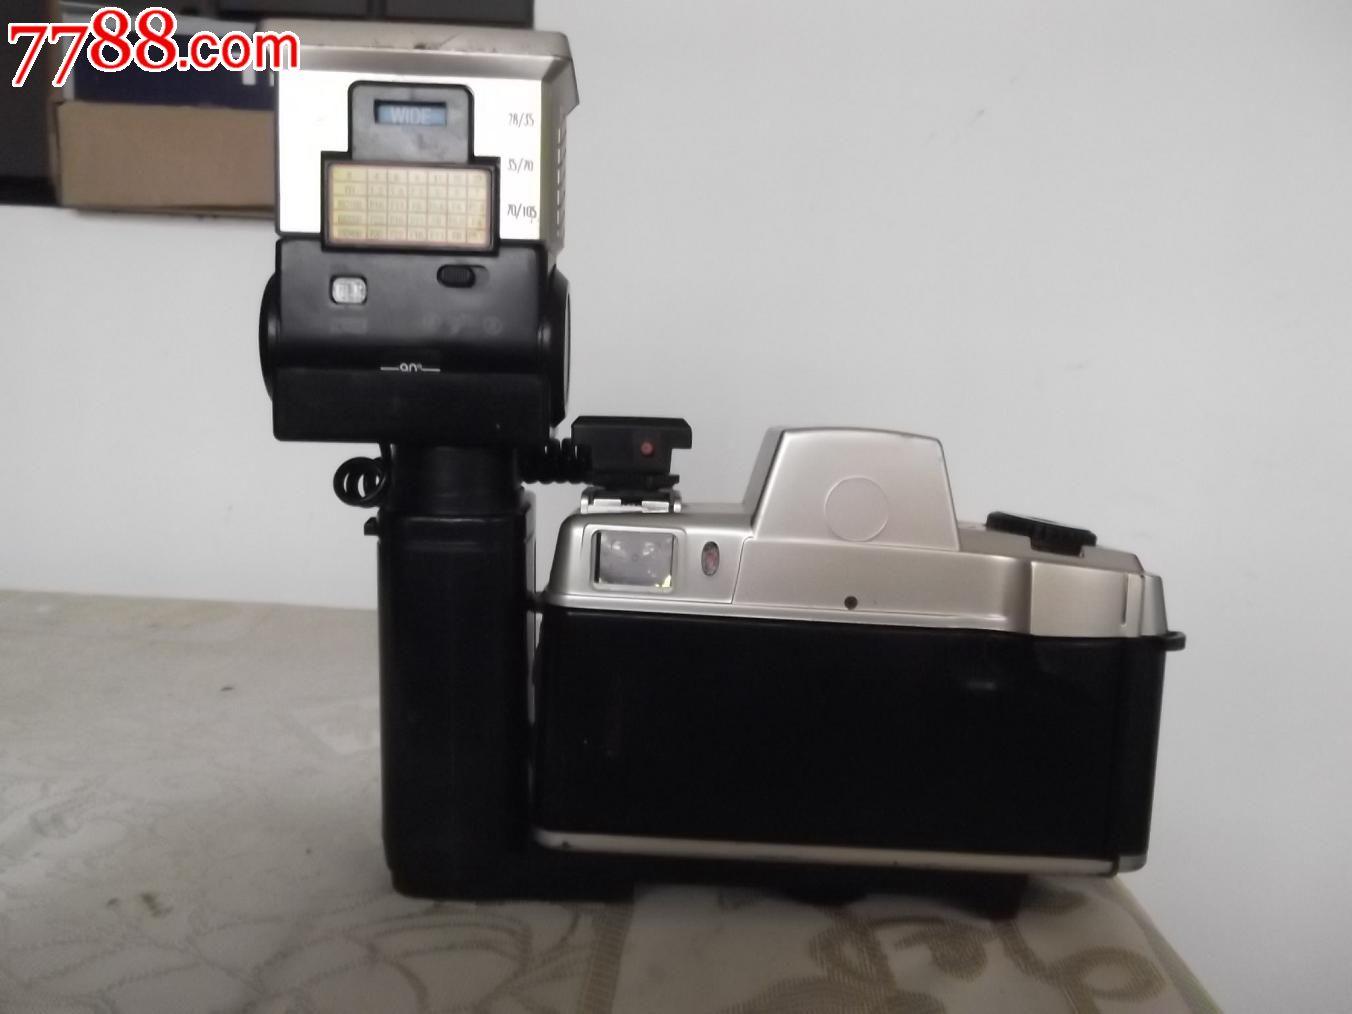 onlypai胶卷单反照相机;配有闪光灯的相机;经典怀旧道具